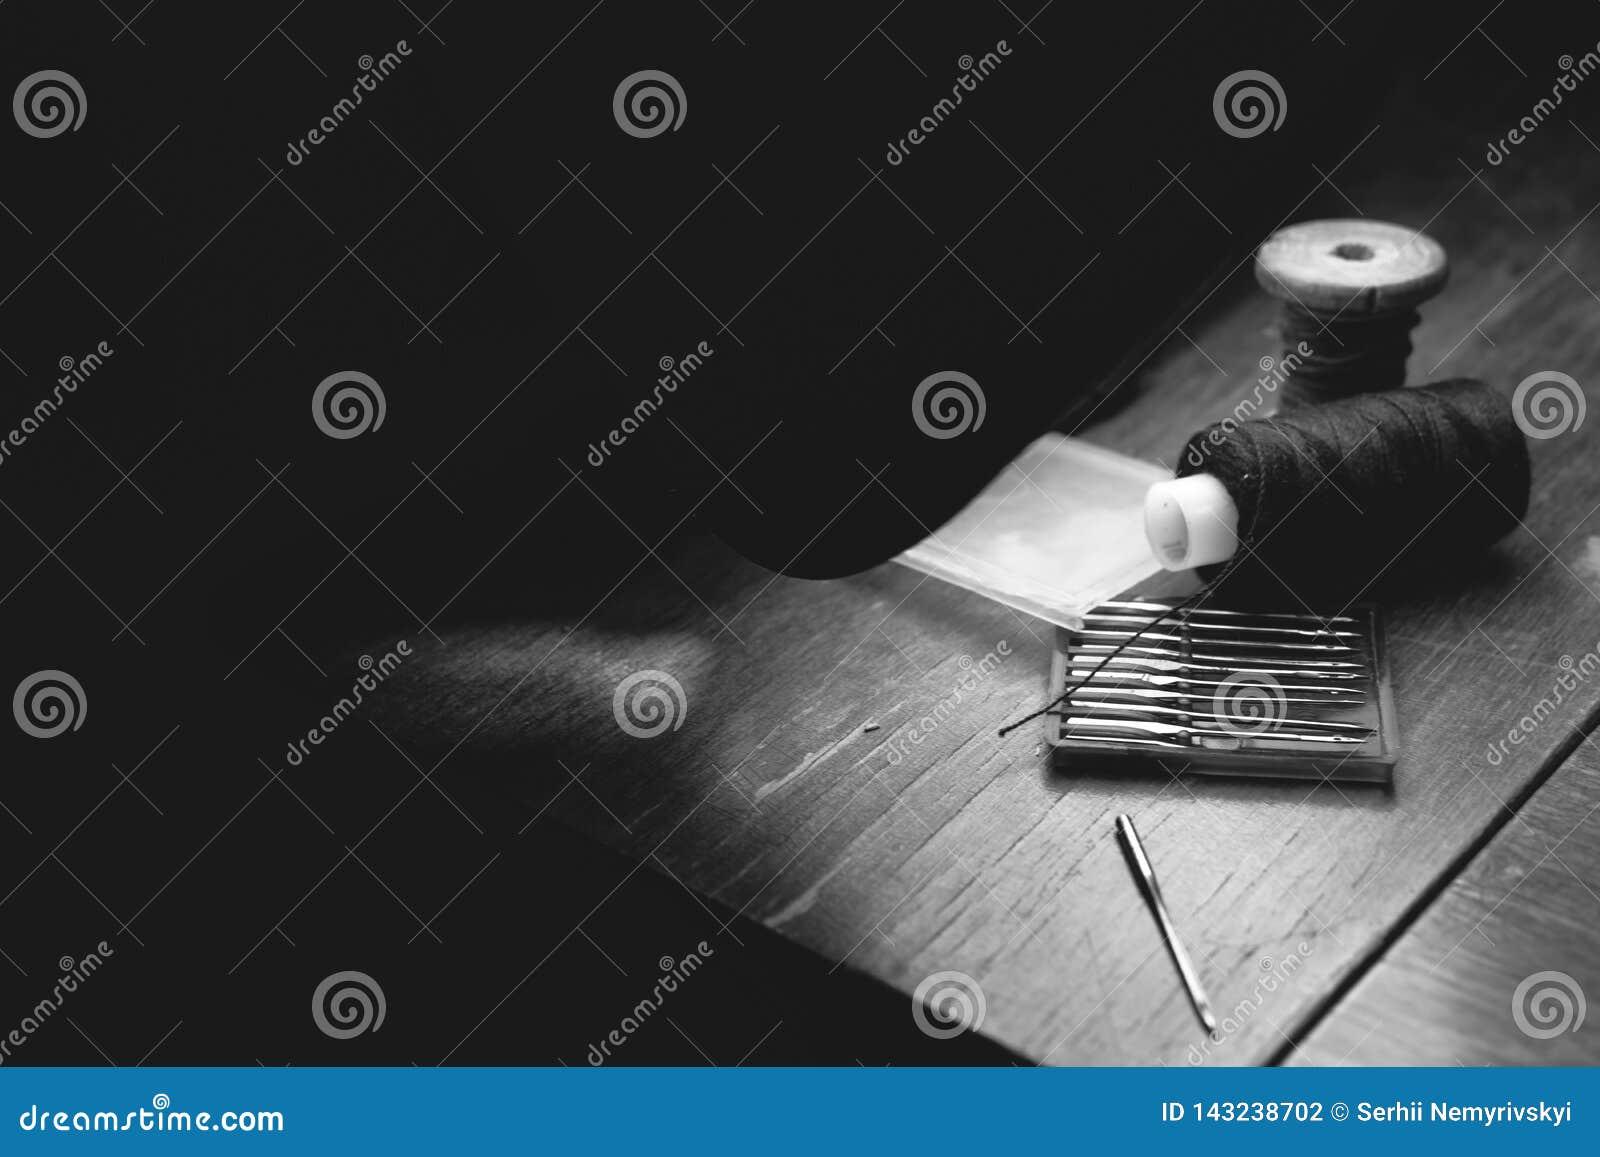 Vieille aiguille de machine à coudre avec le fil noir, sur une vieille table de travail sale Table de travail du ` s de tailleur